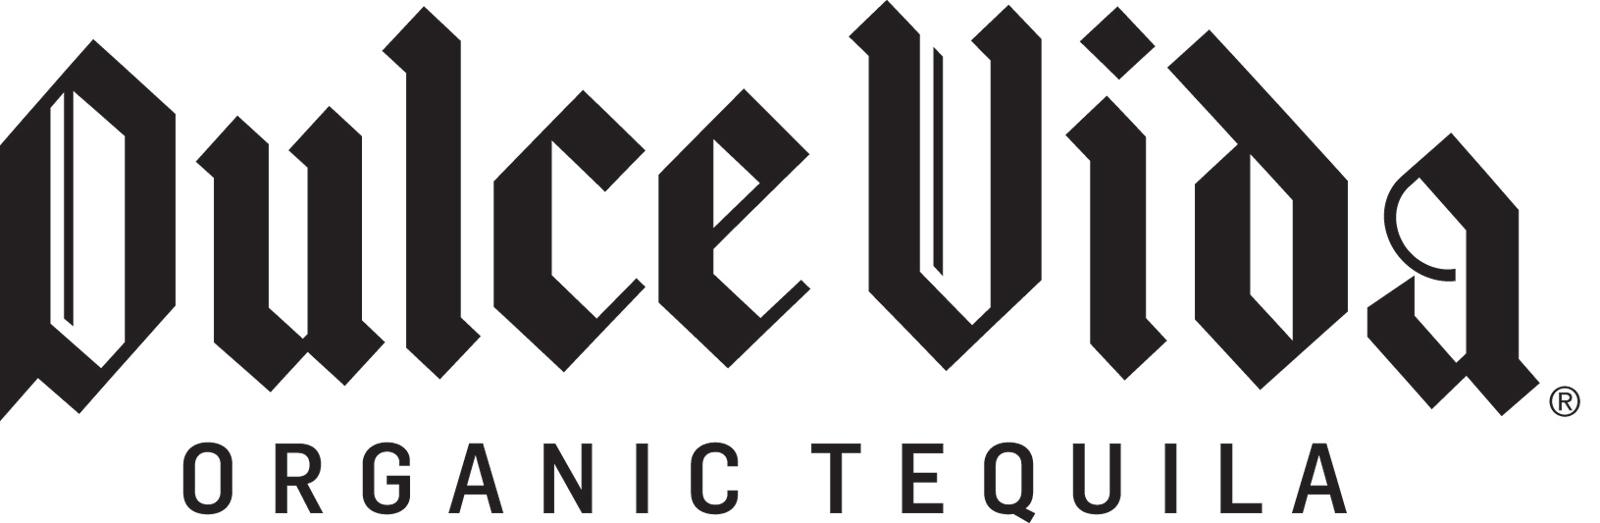 Dulce Vida Organic Tequila logo